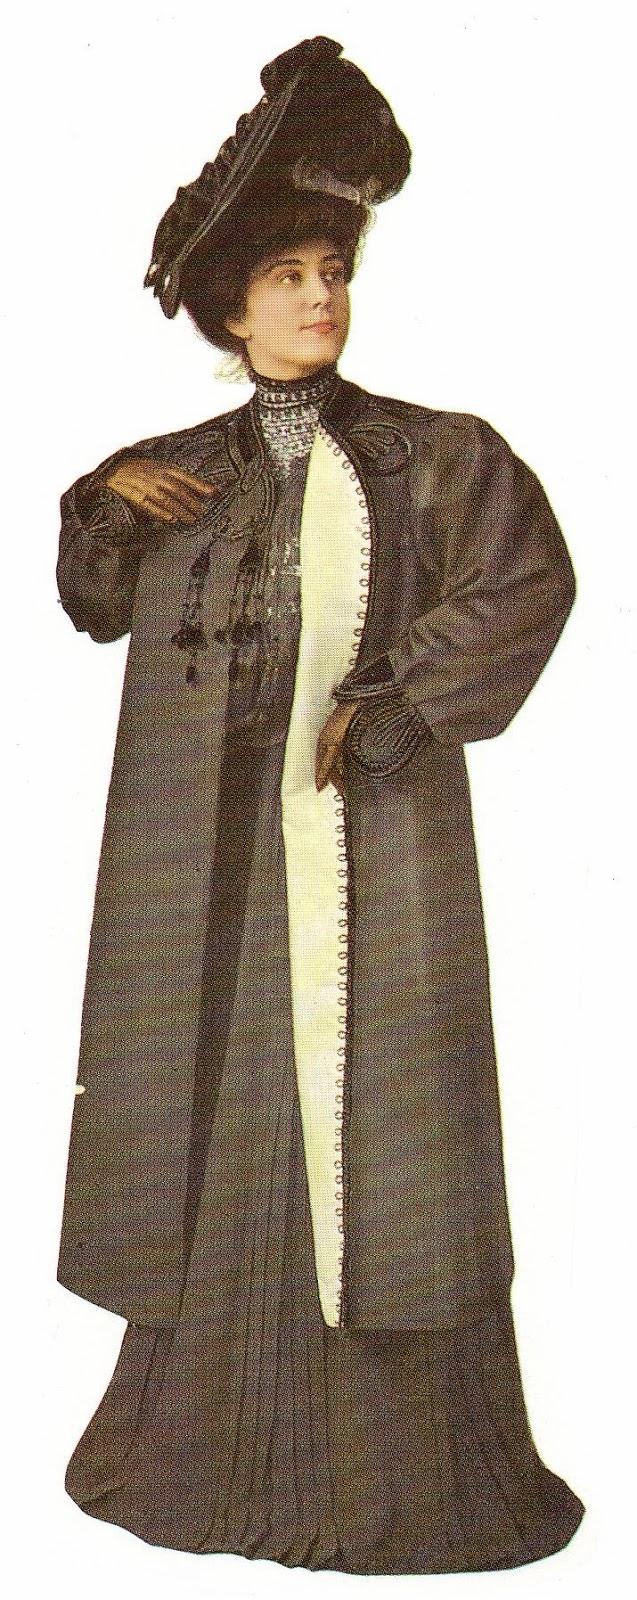 Vestido de época, siglo XX principios